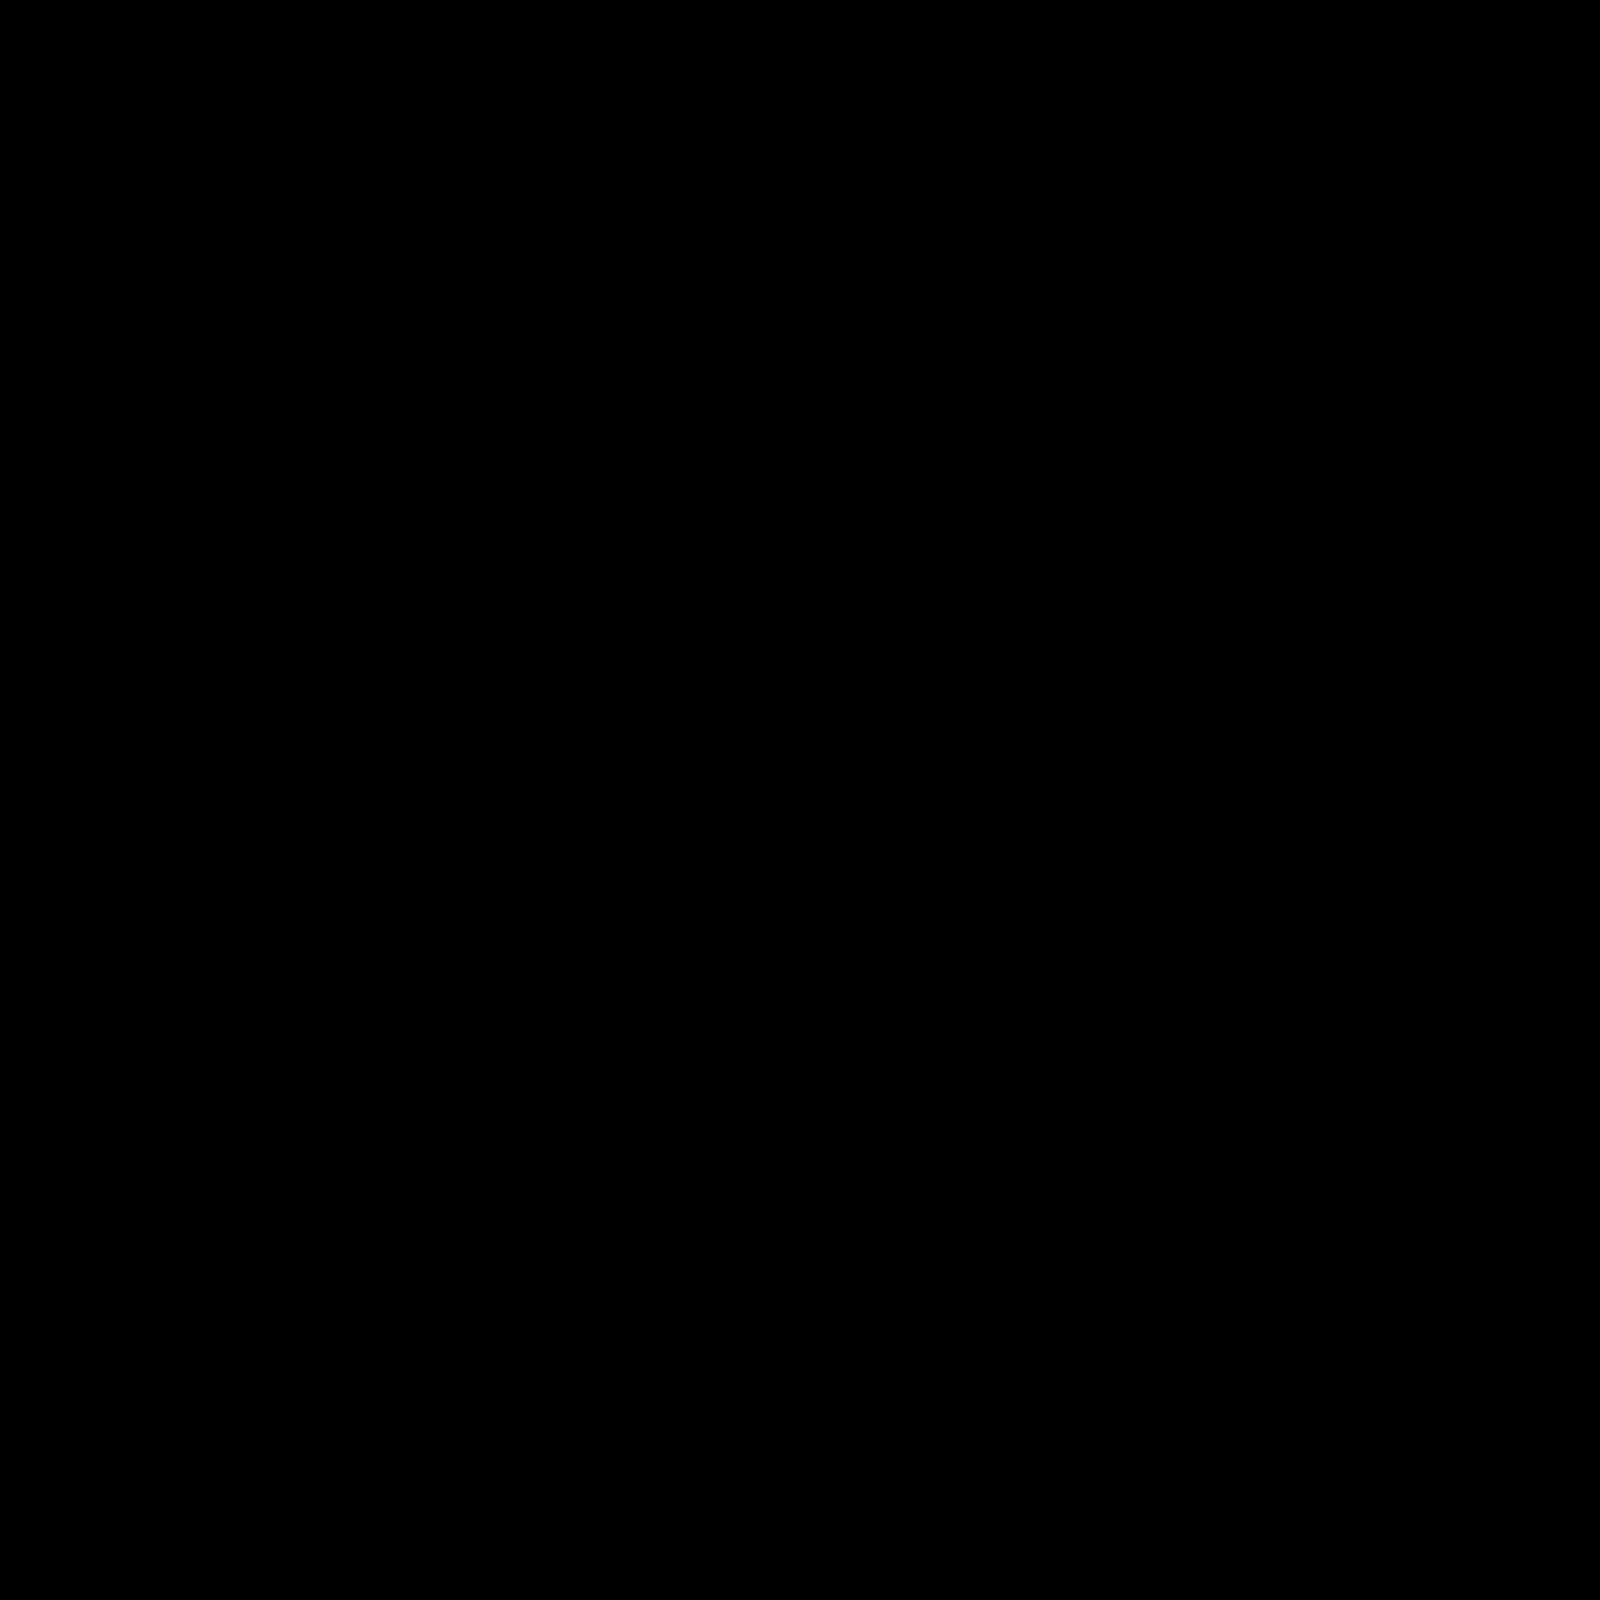 Tab PNG-PlusPNG.com-1600 - Tab PNG